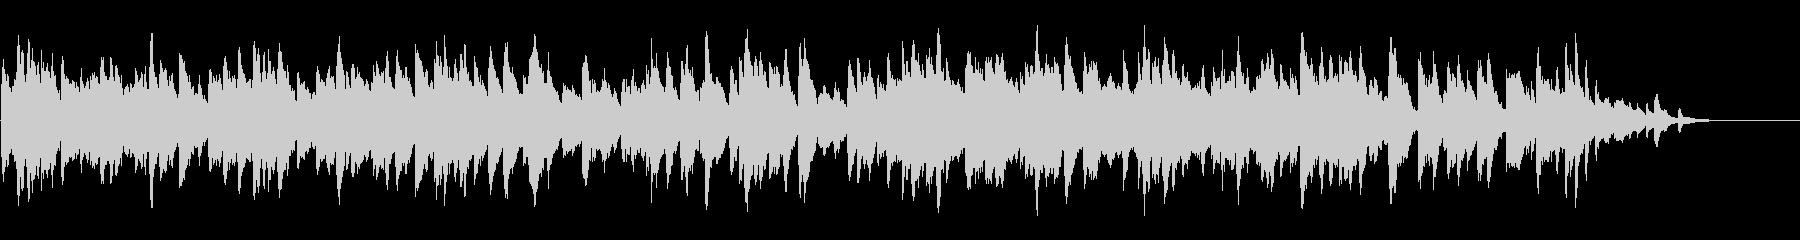 終わり来る残響のピアノの未再生の波形